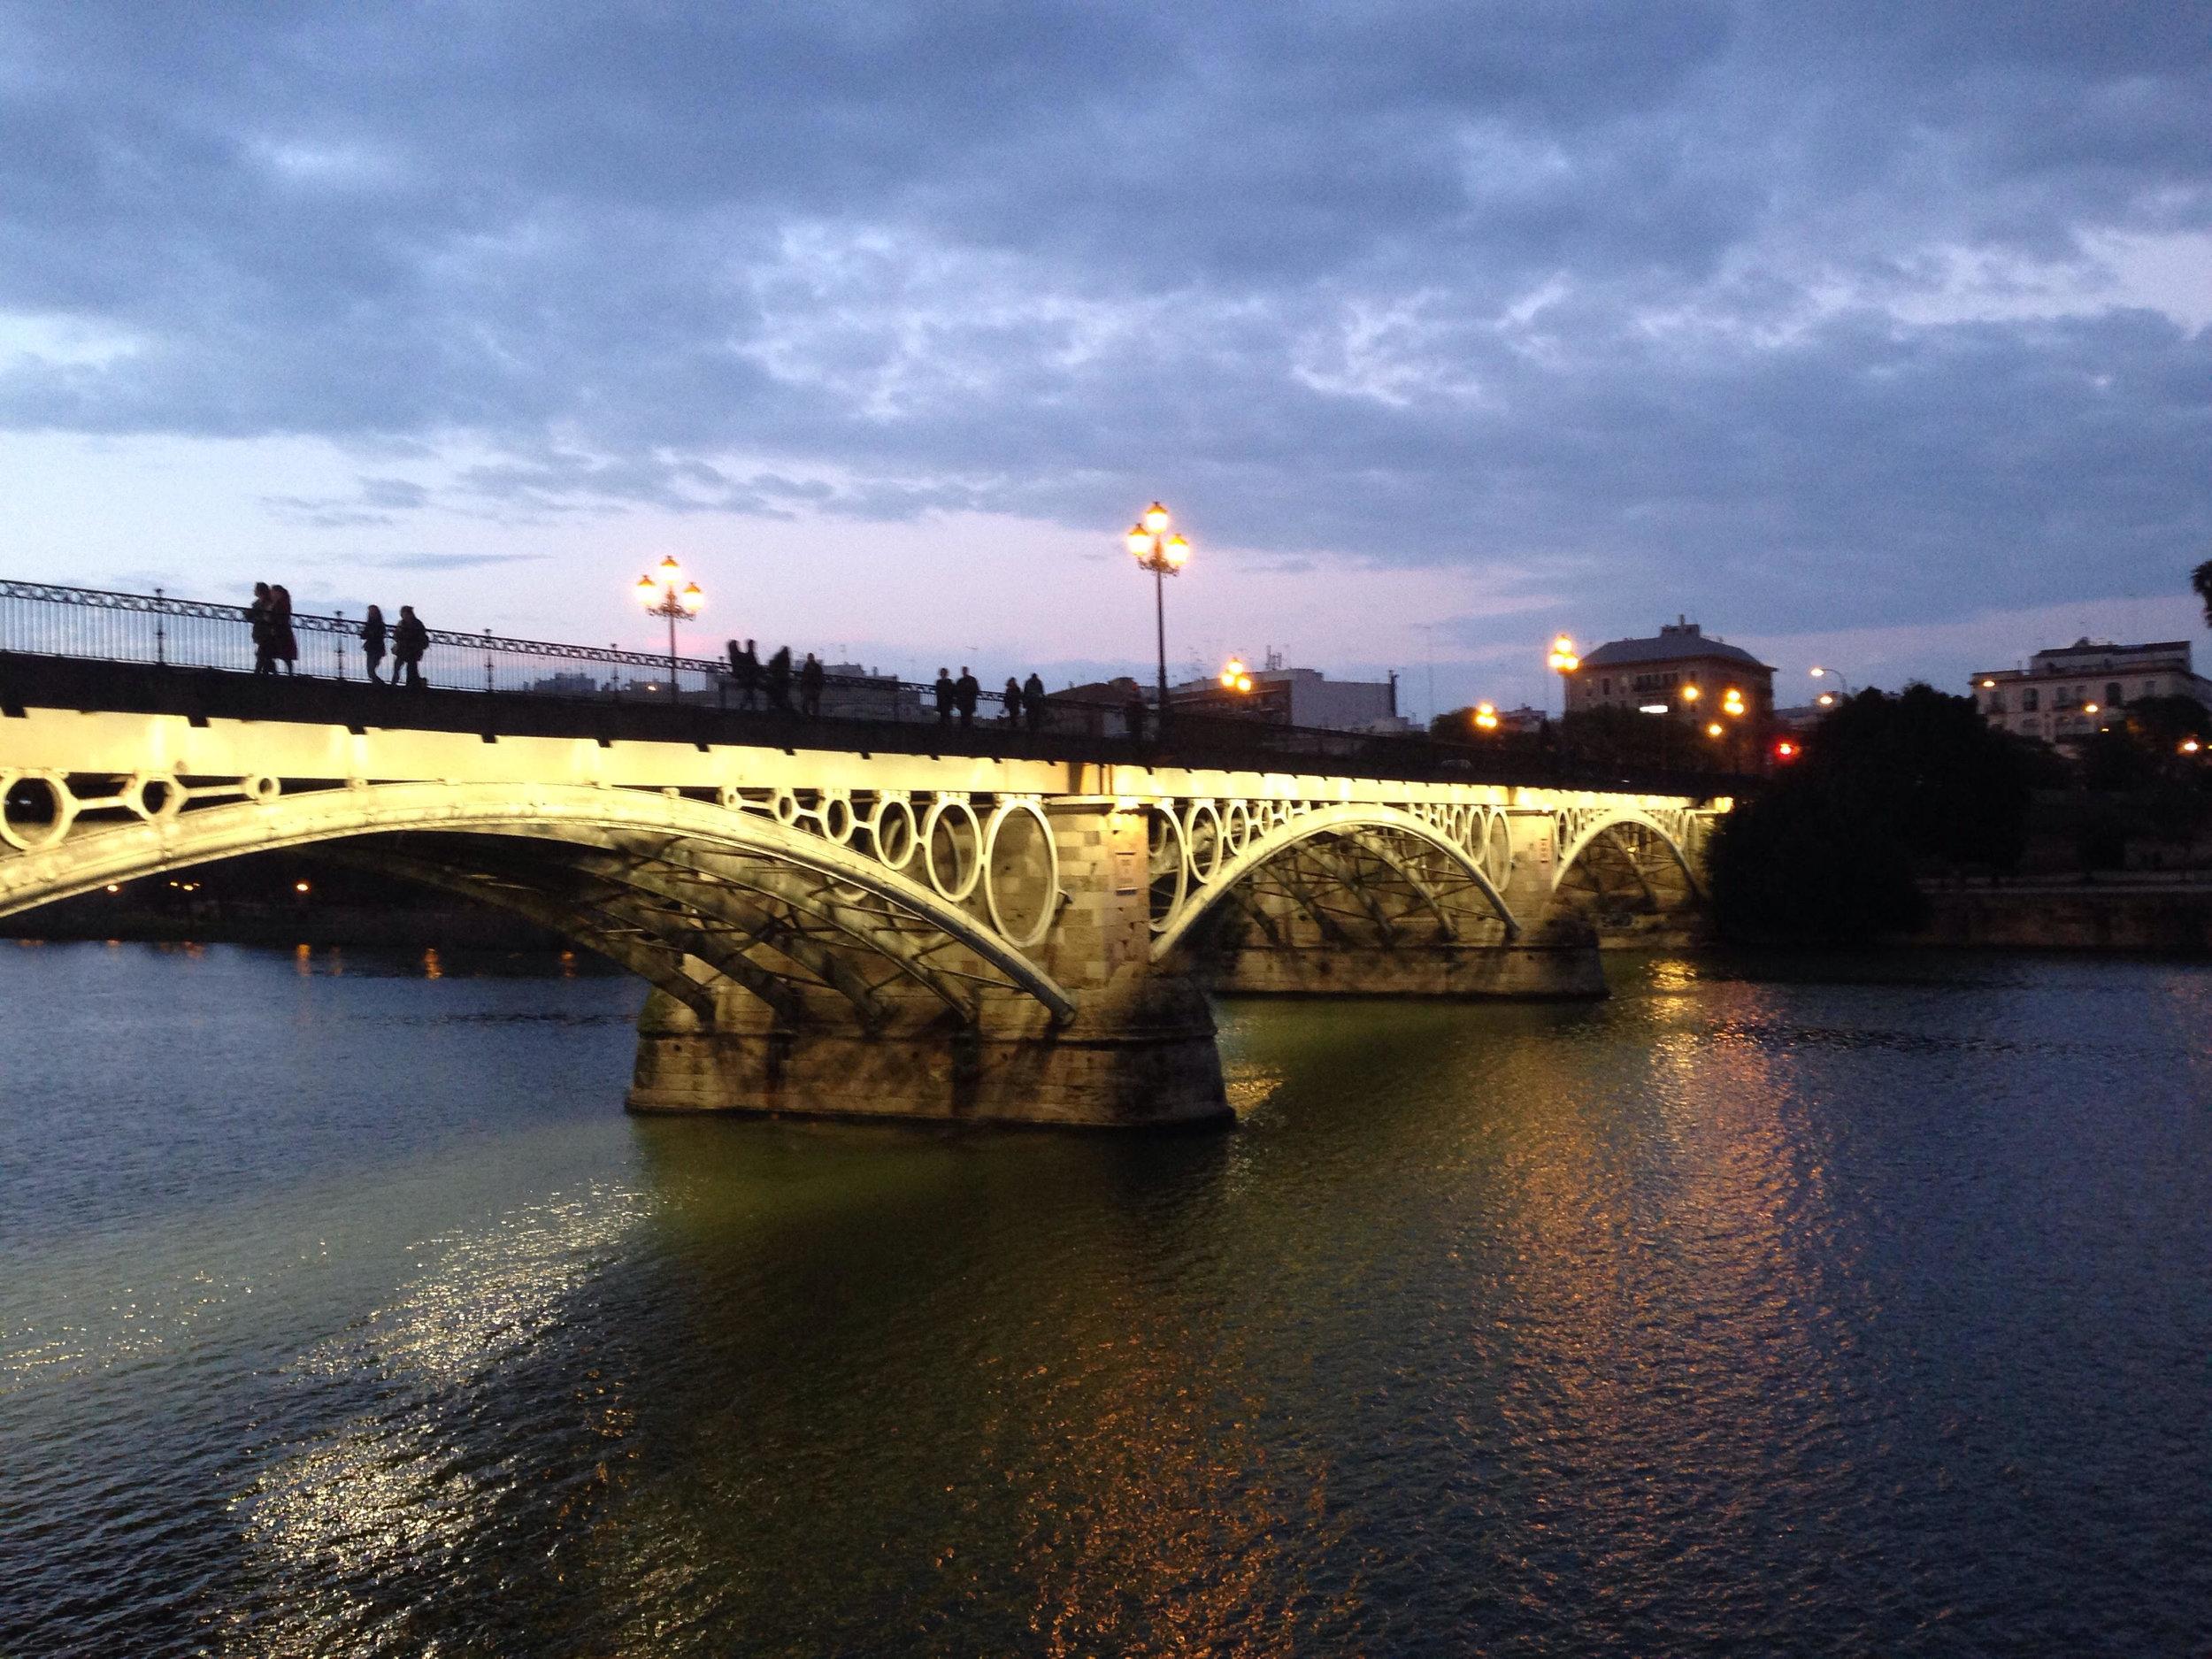 The Triana Bridge at dusk.